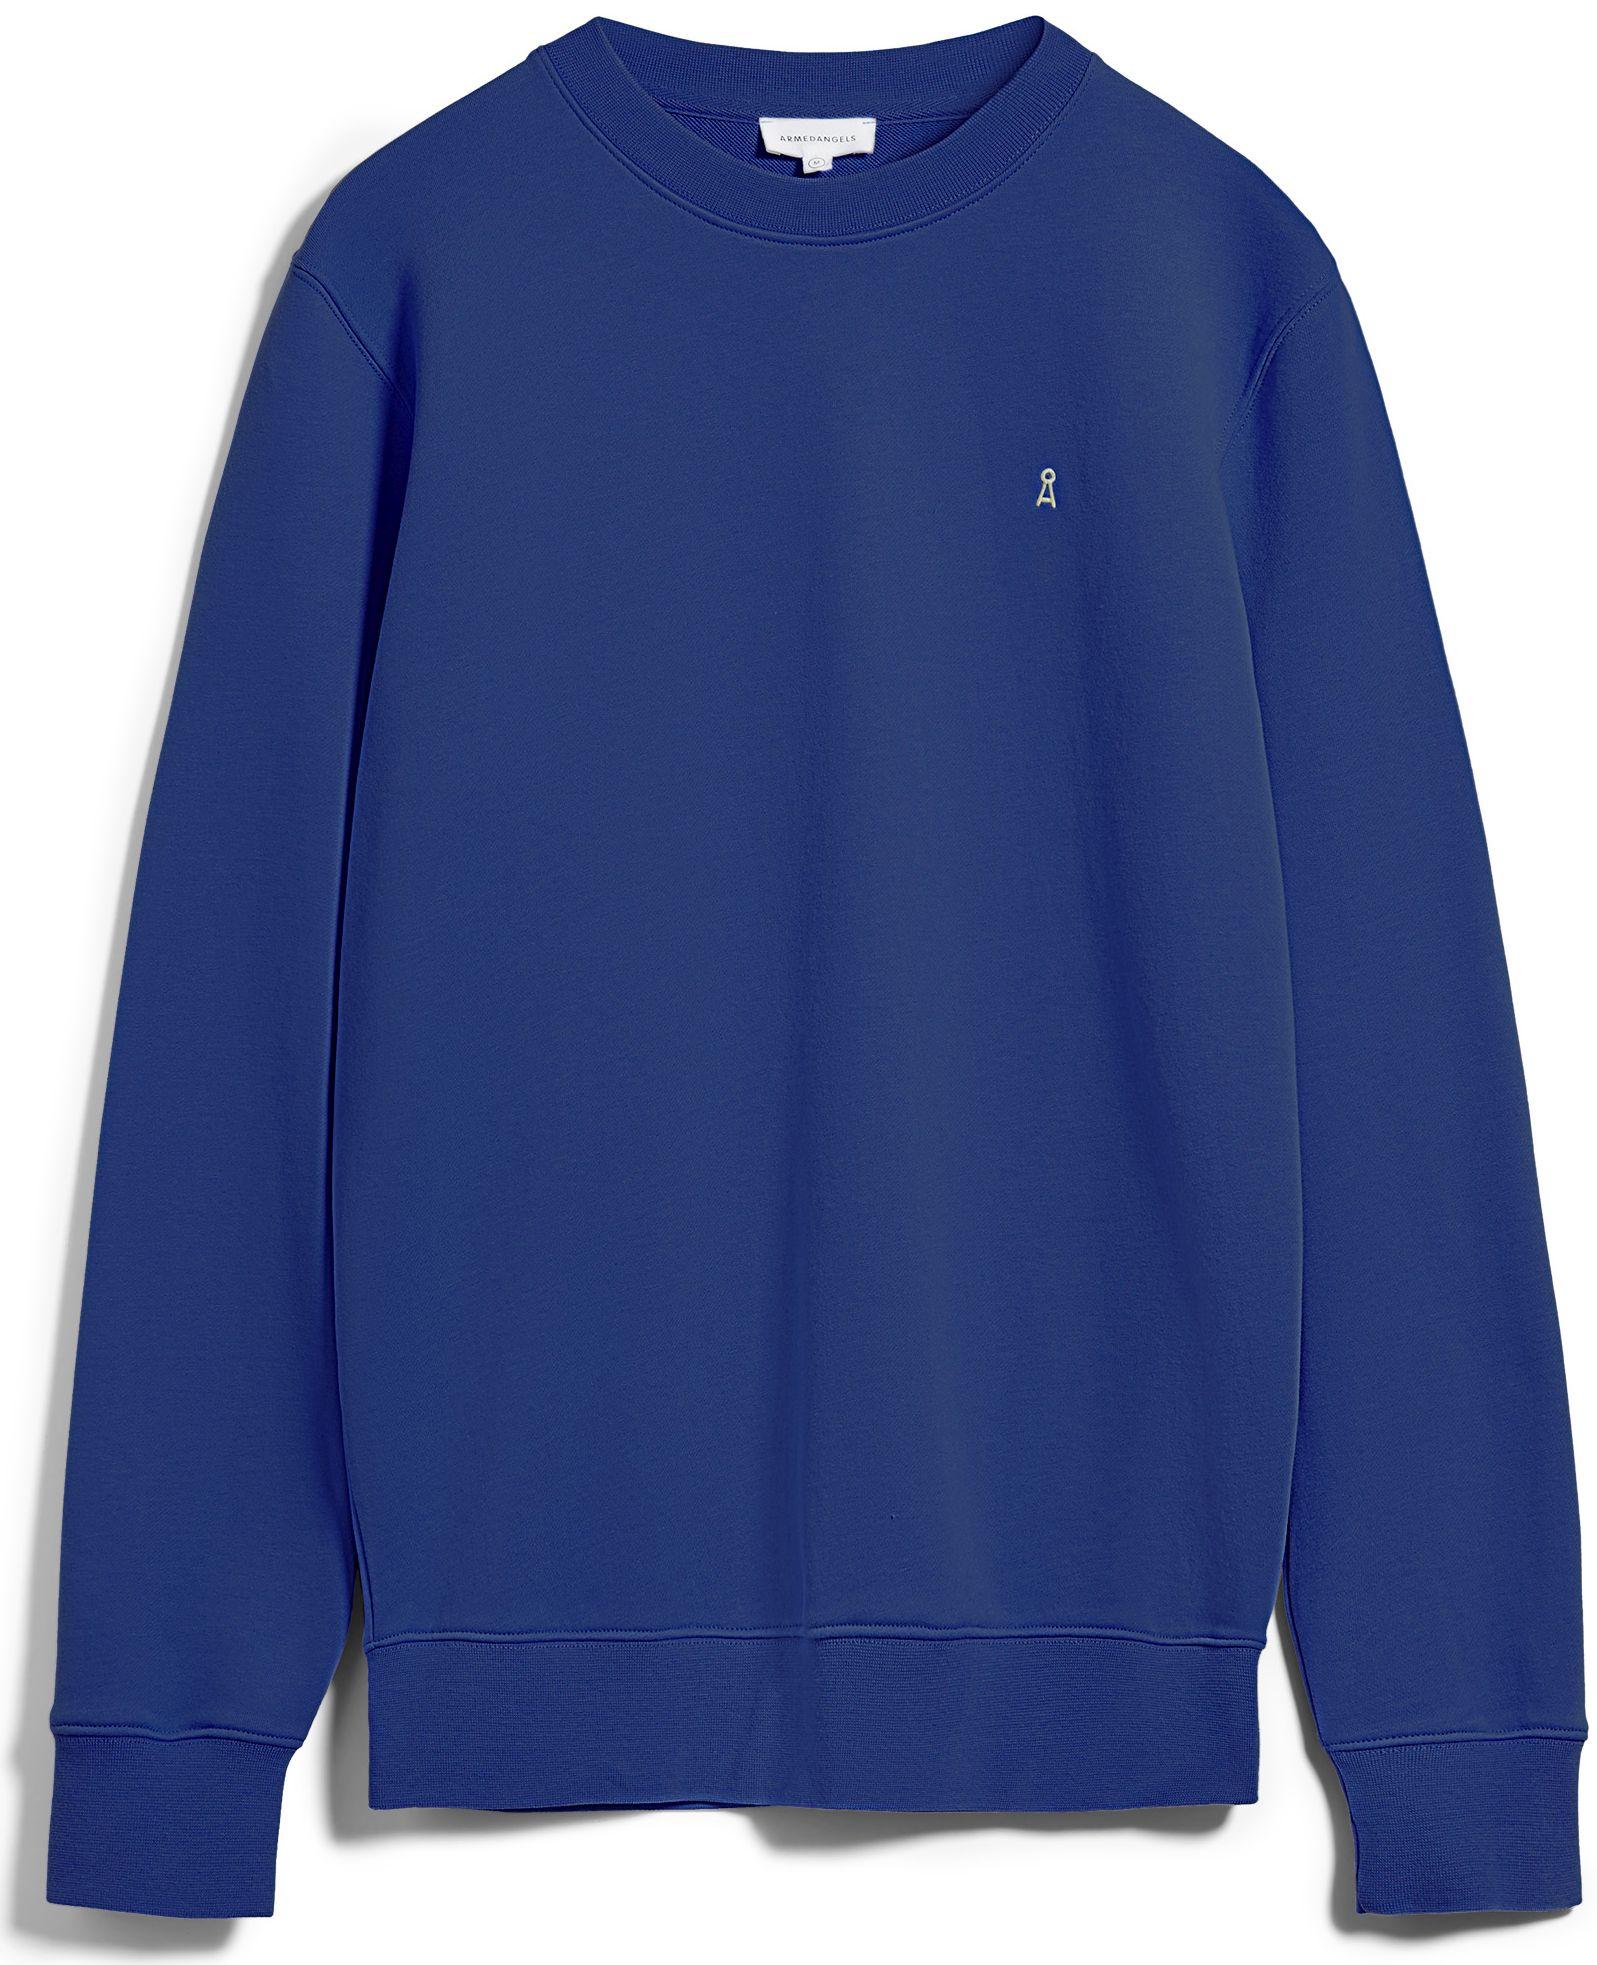 Herren-Sweatshirt MAALTE COMFORT marazine blue